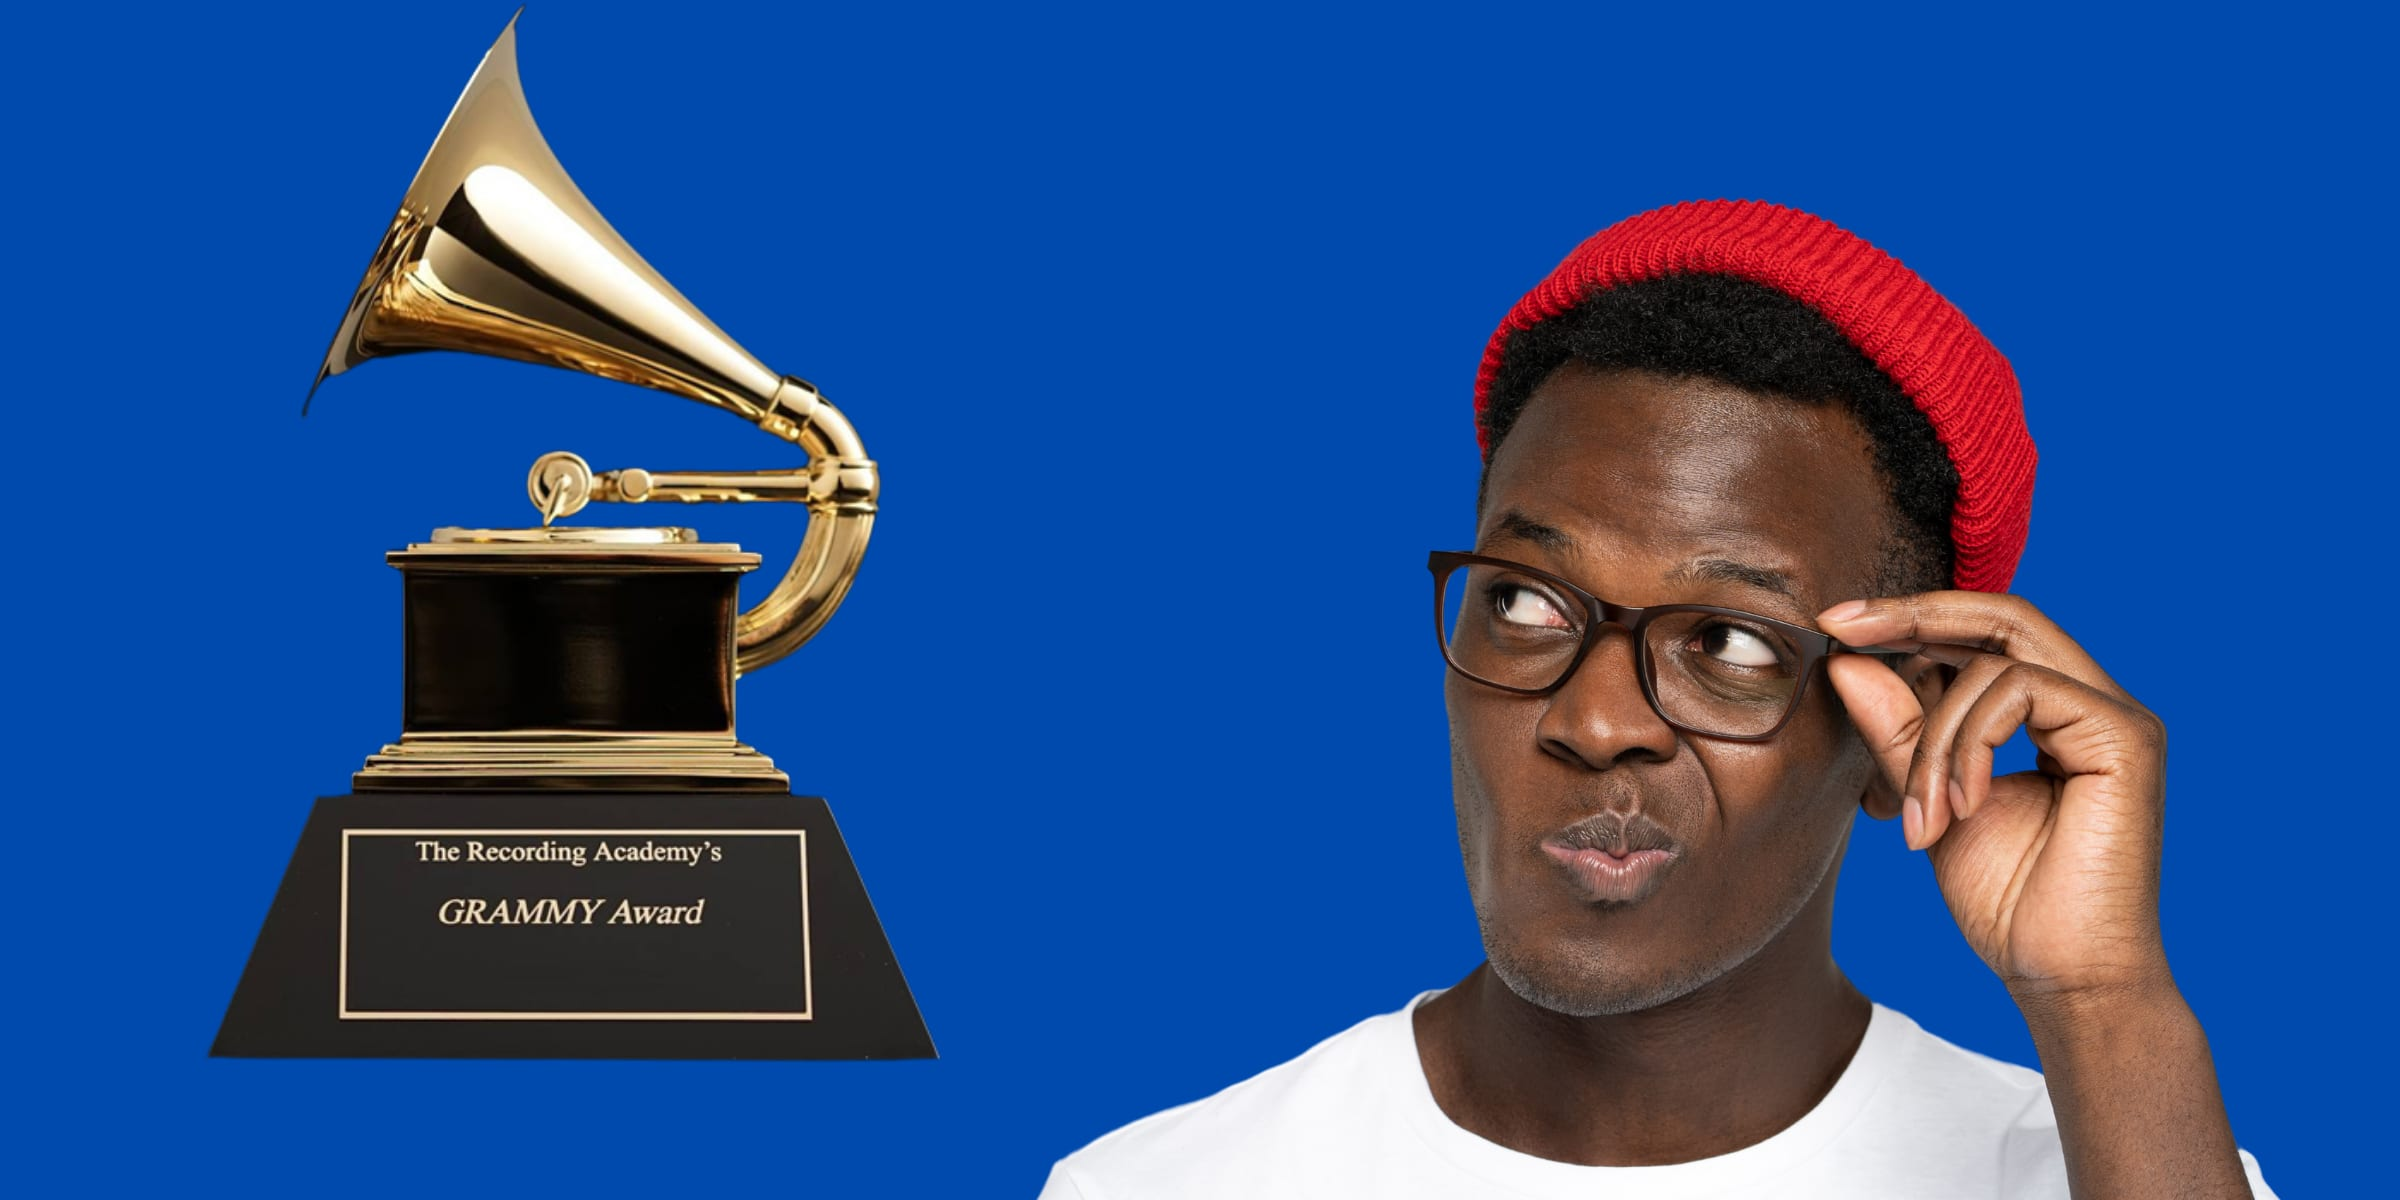 The Grammy